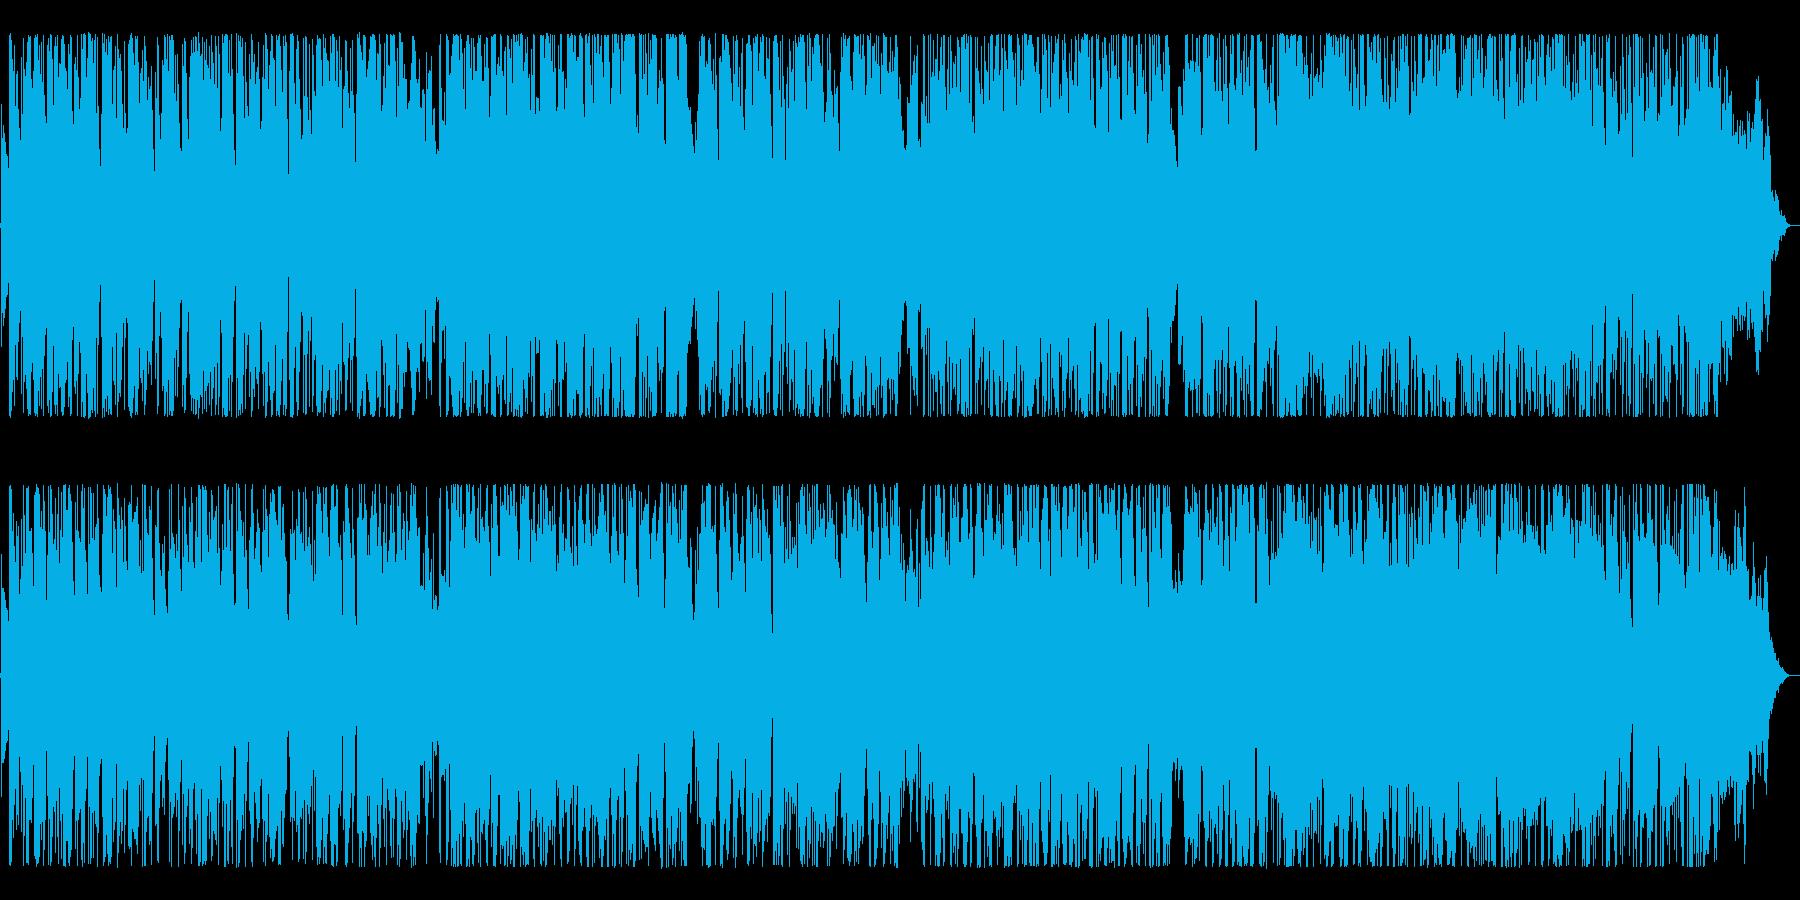 ちょっと切なさを感じるも比較的明るめの曲の再生済みの波形